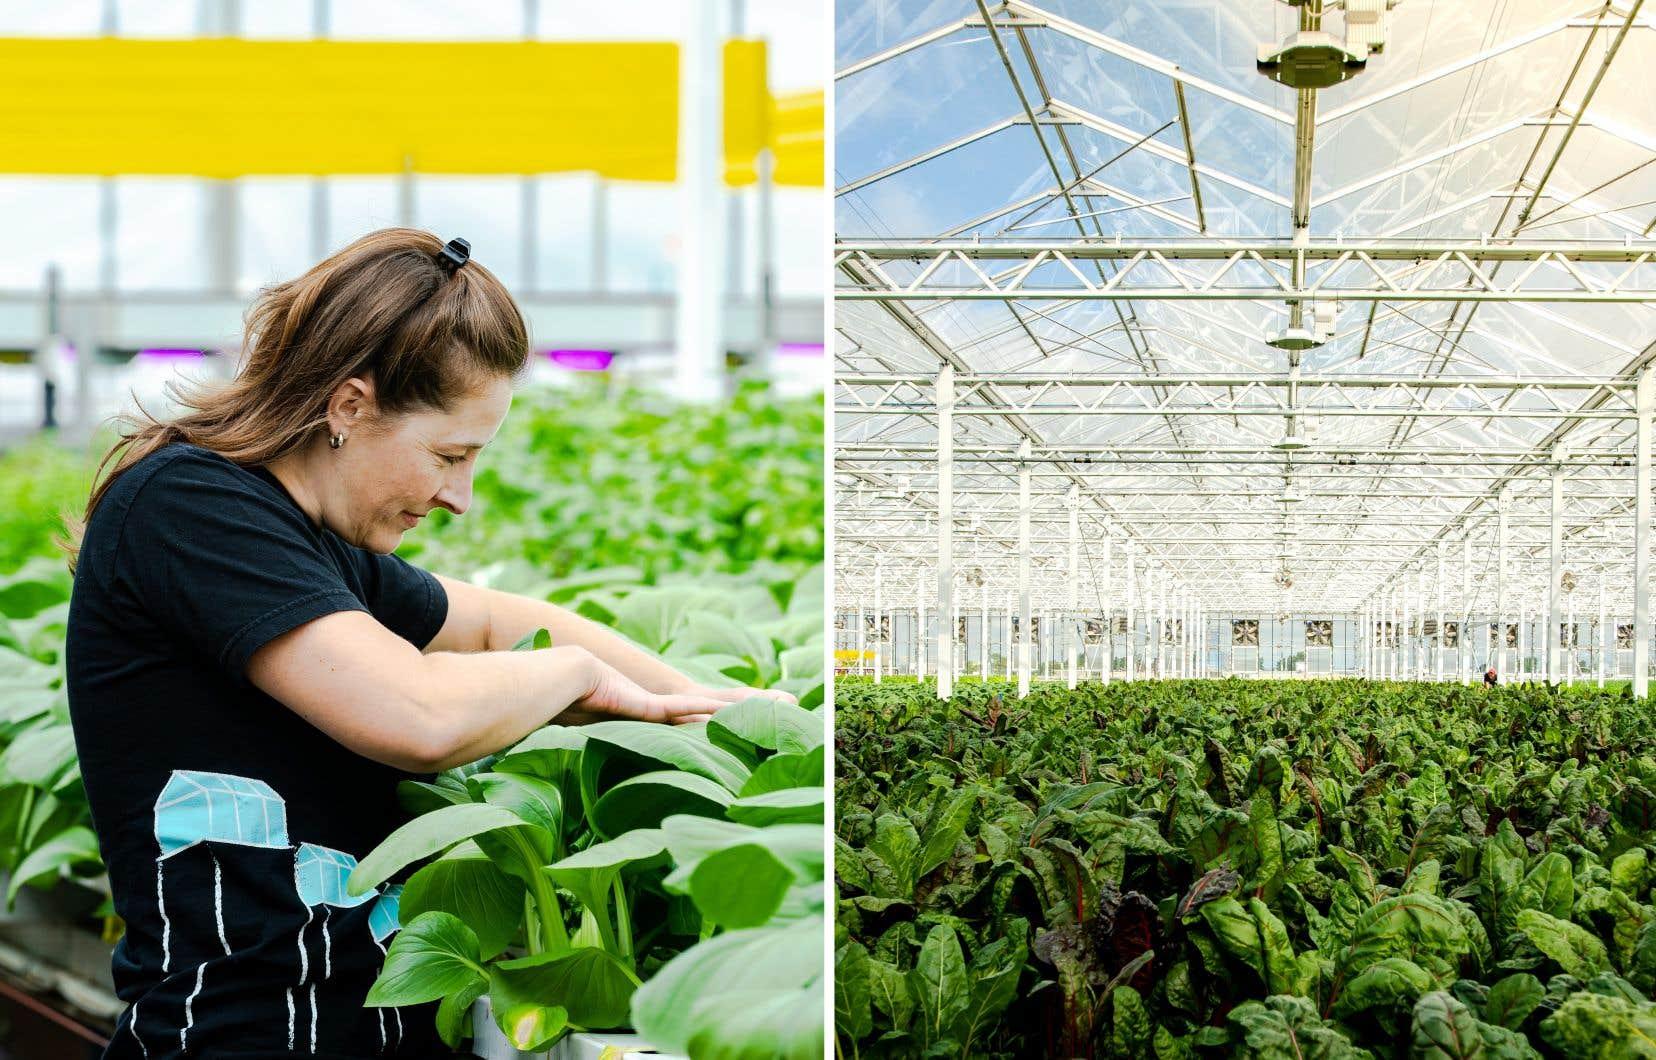 La serre hydroponique des Fermes Lufa, à Anjou, où Camille Dubreuil Bessette supervise la production de 210 000 plants de laitue et de fines herbes.